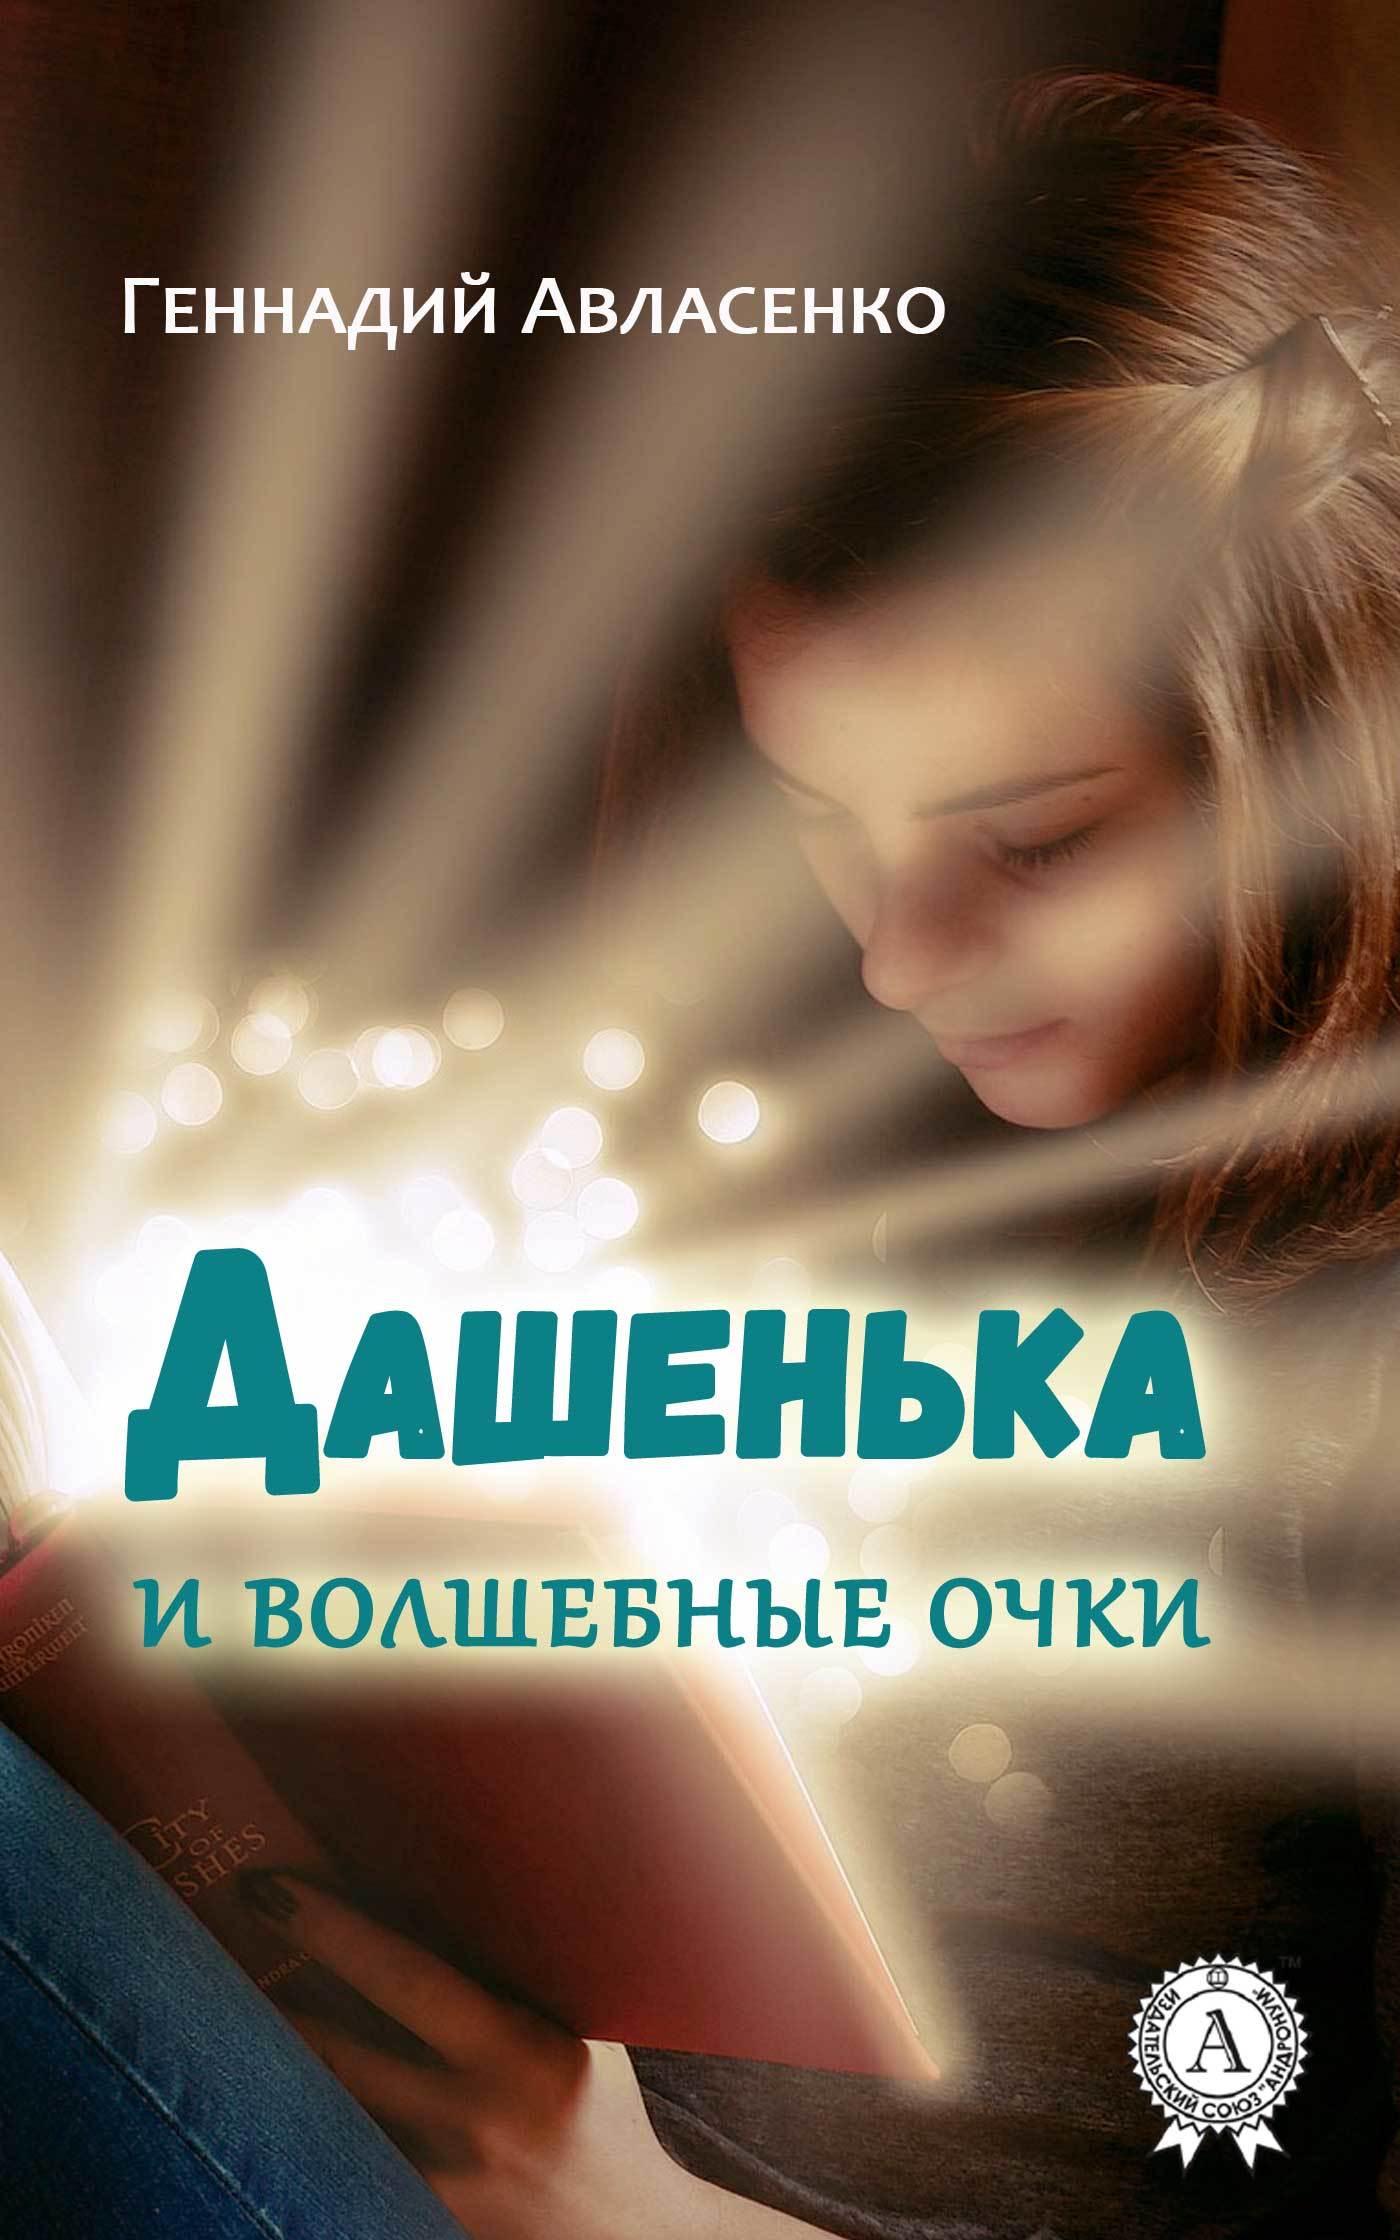 Геннадий Авласенко - Дашенька и волшебные очки